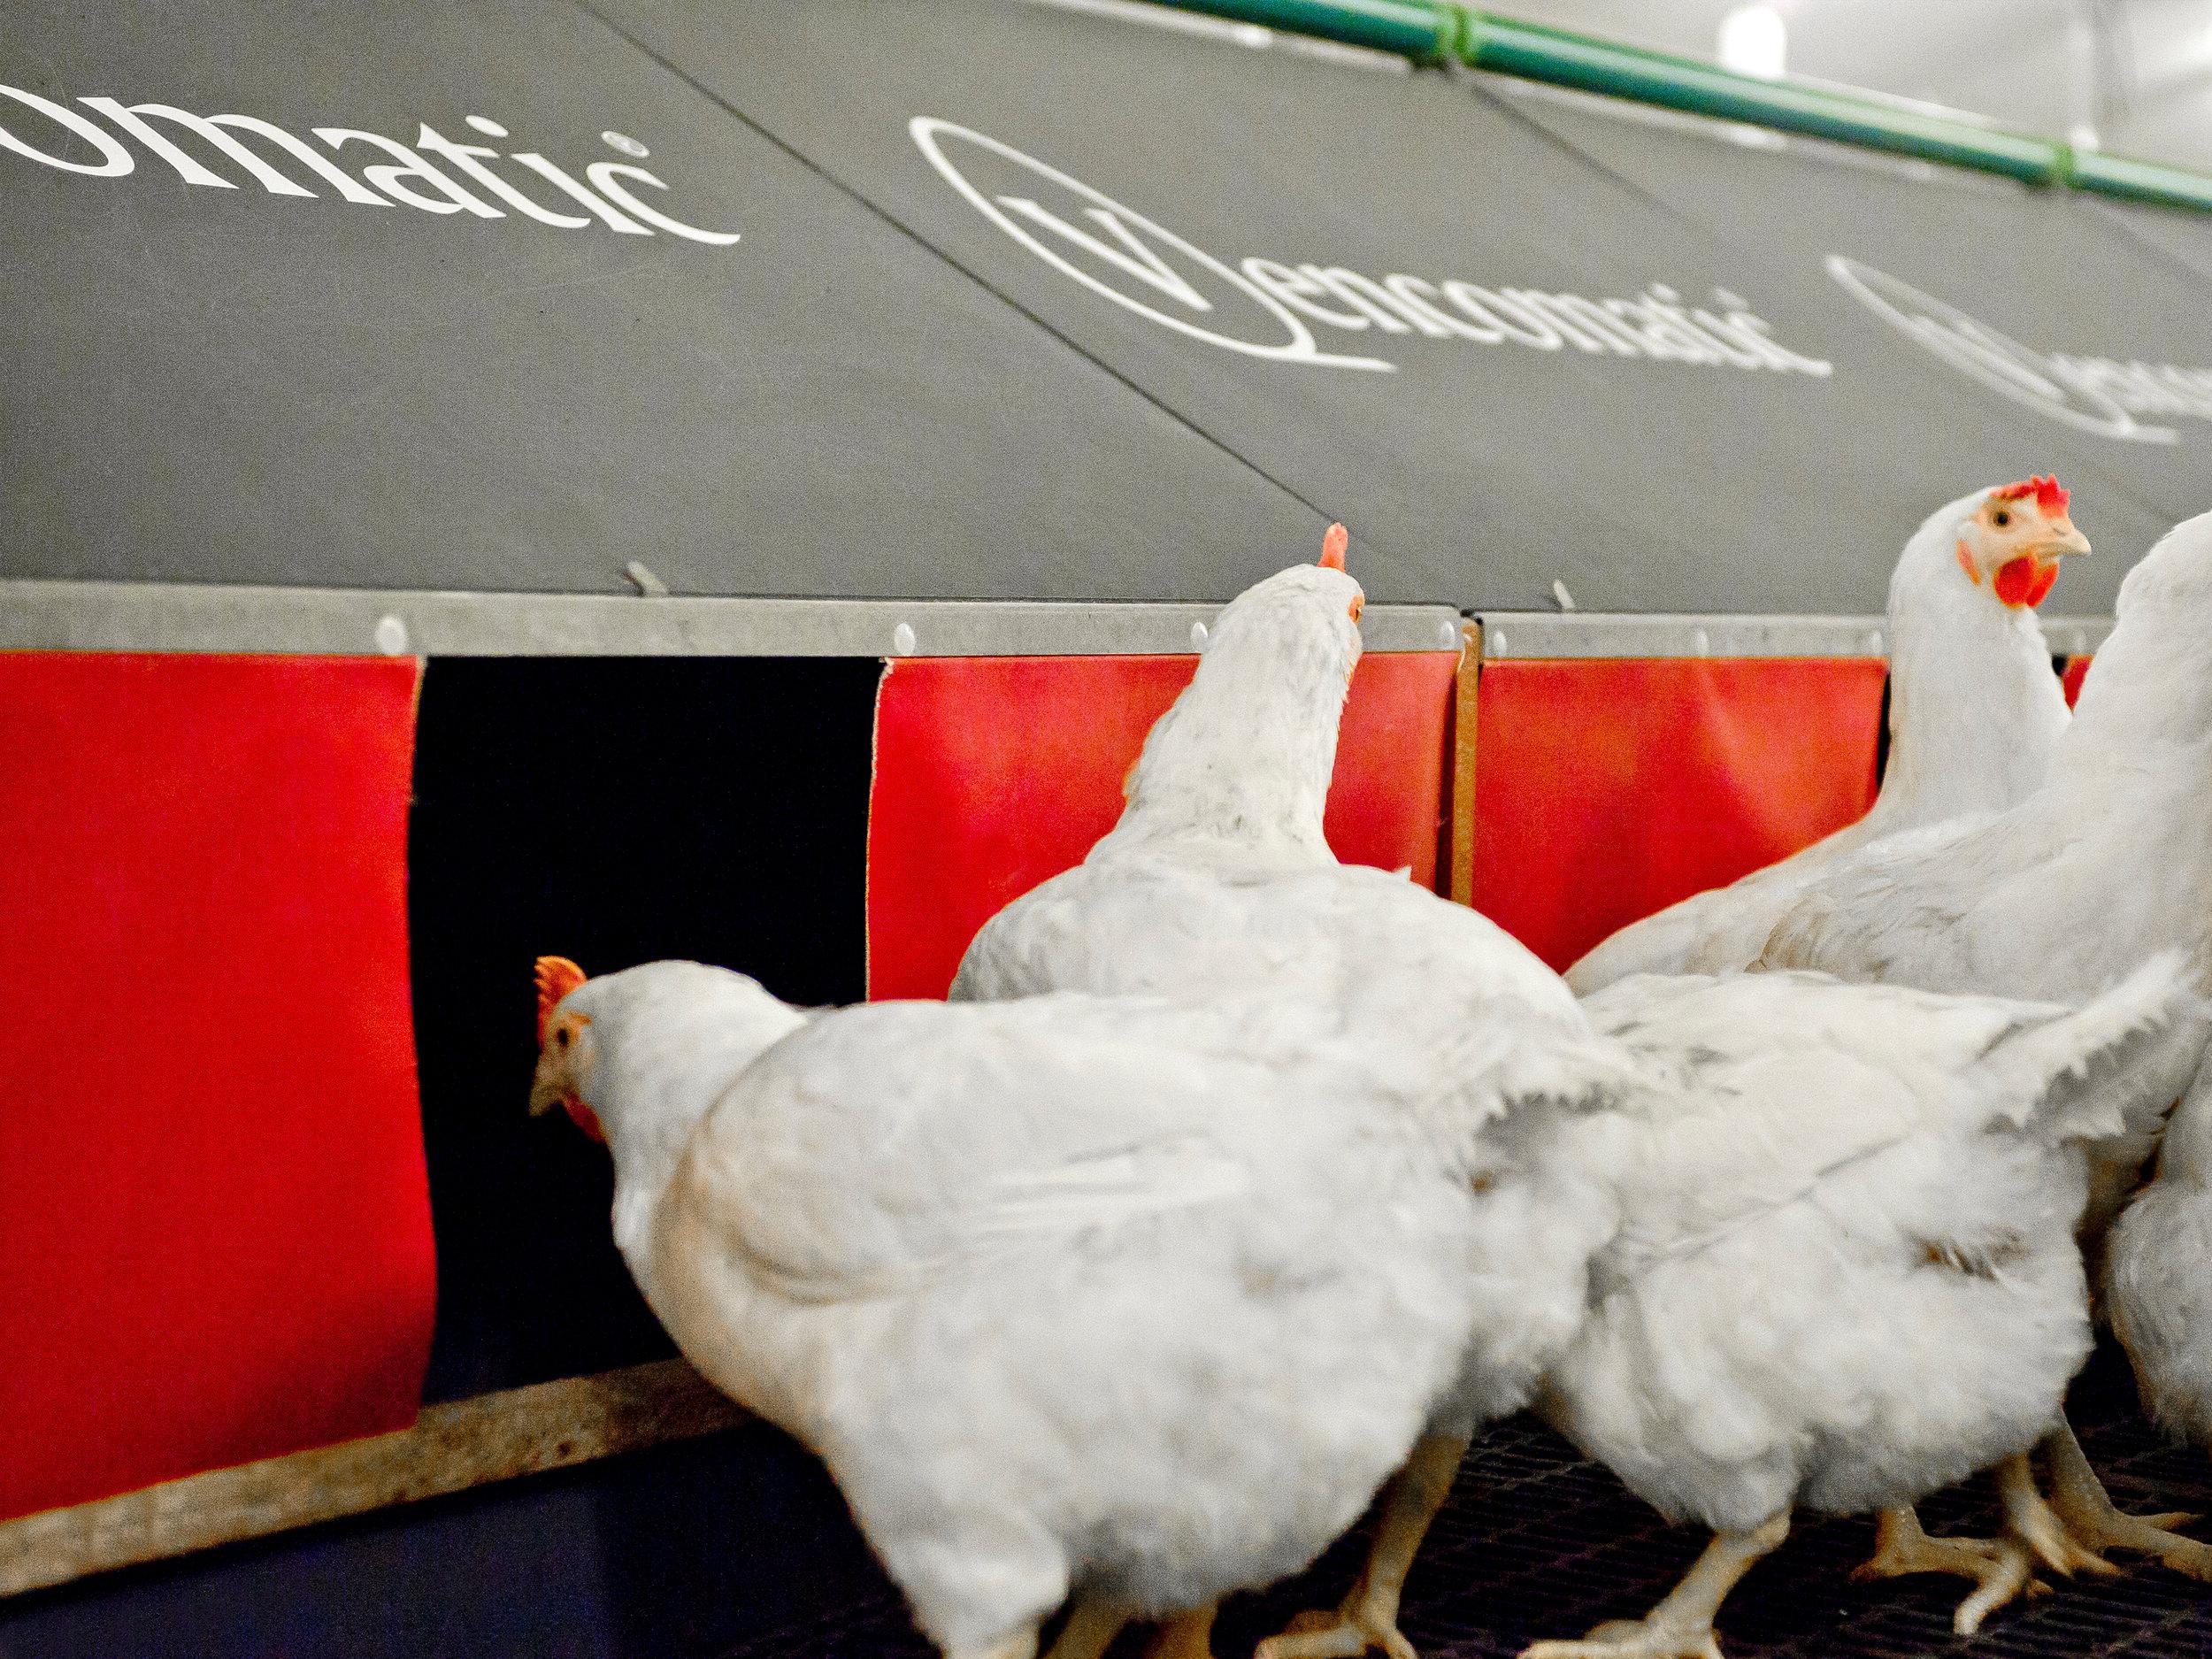 Agro - Voor wereldwijde spelers in de kippenstal inrichtingen leveren wij het plaatwerk voor de legnesten/broedhokken, de oploopplaten, eierbanddeksels enz.Indien gewenst coaten wij de panelen zodat ze gereinigd kunnen worden met een hoge drukspuit.